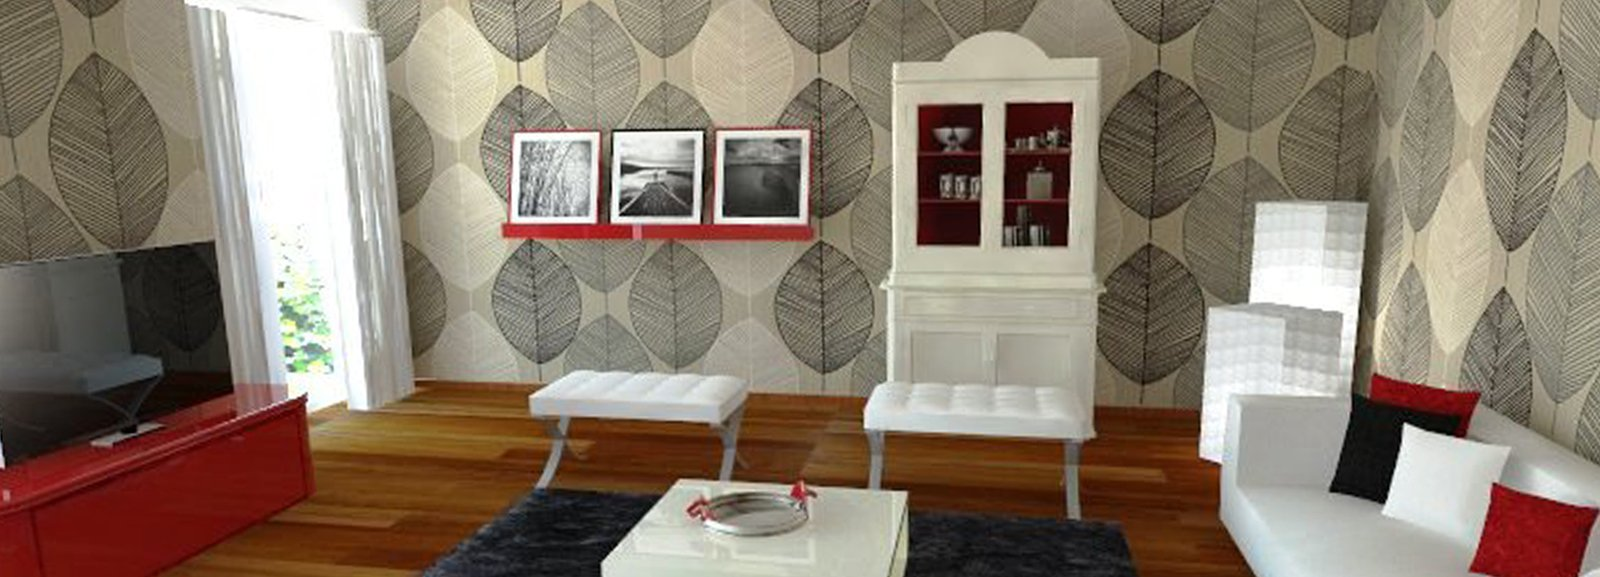 Mobile antico o in stile come inserirlo in un contesto - Arredo moderno casa ...